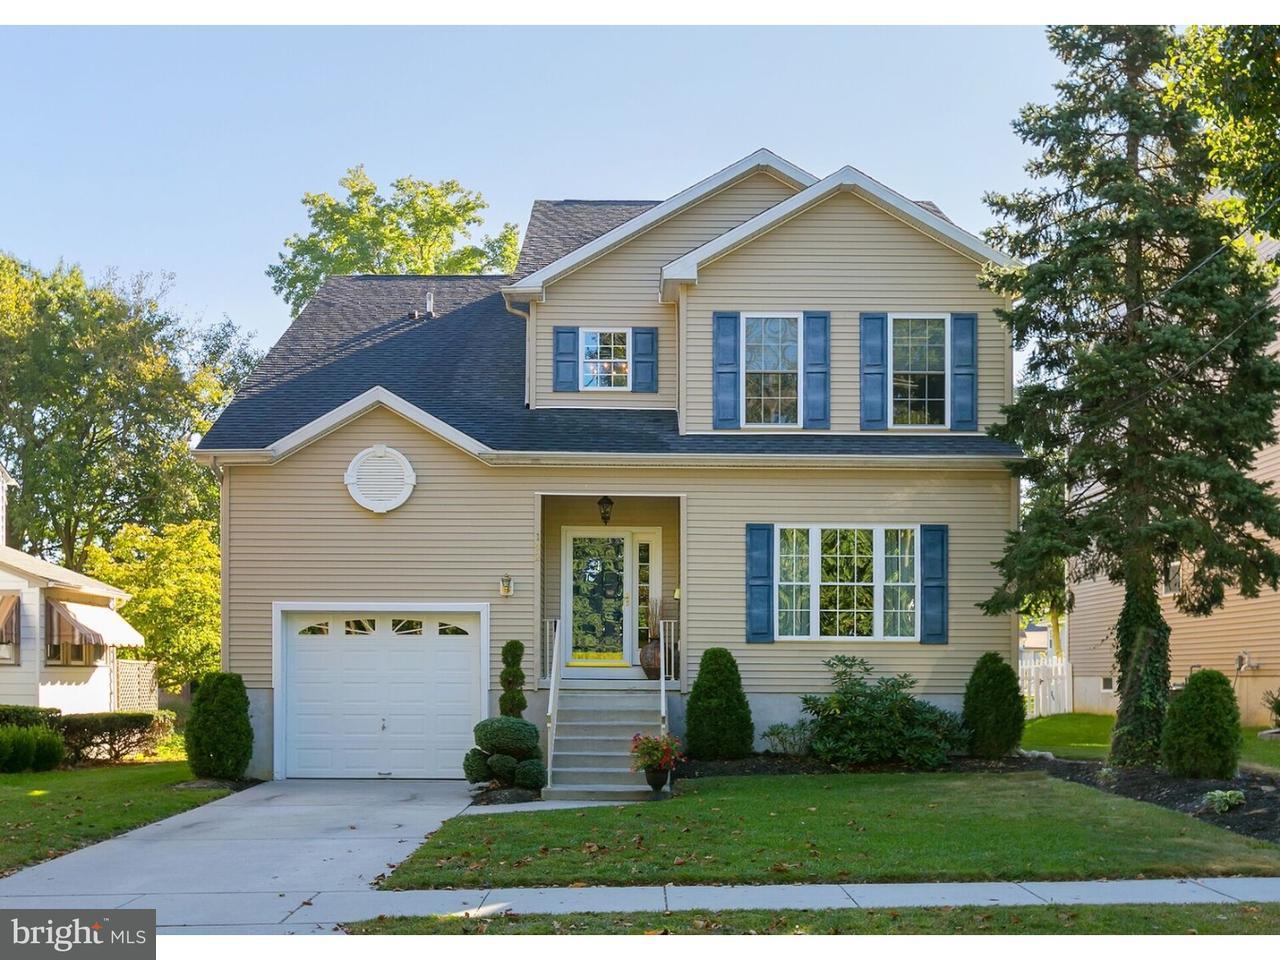 独户住宅 为 销售 在 142 WINDSOR Avenue Westmont, 新泽西州 08108 美国